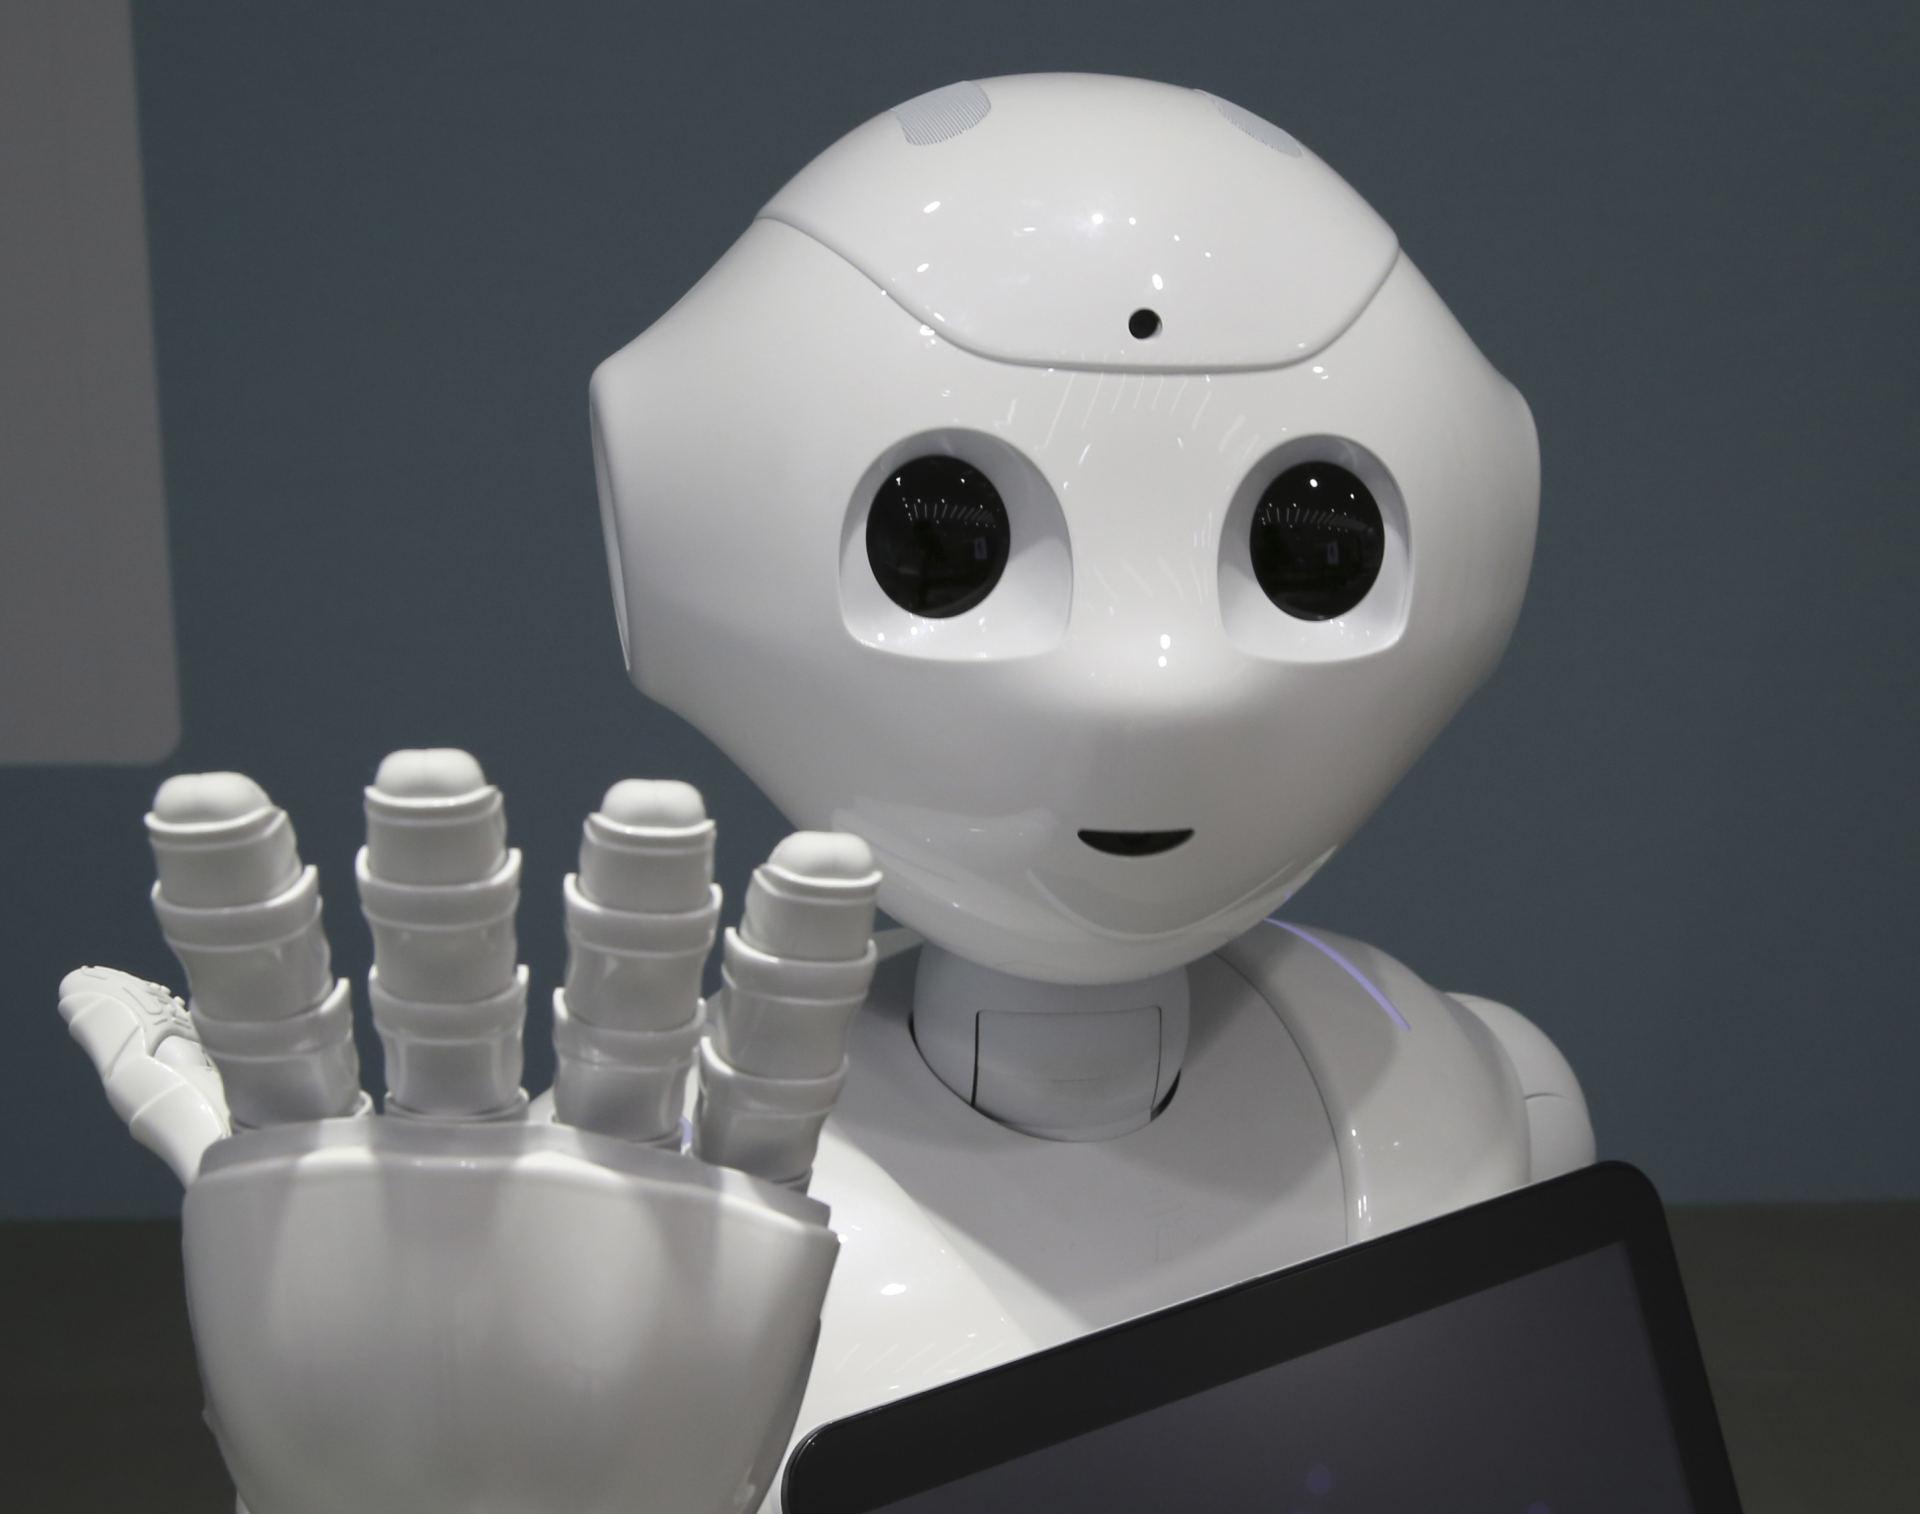 prekybos robotais